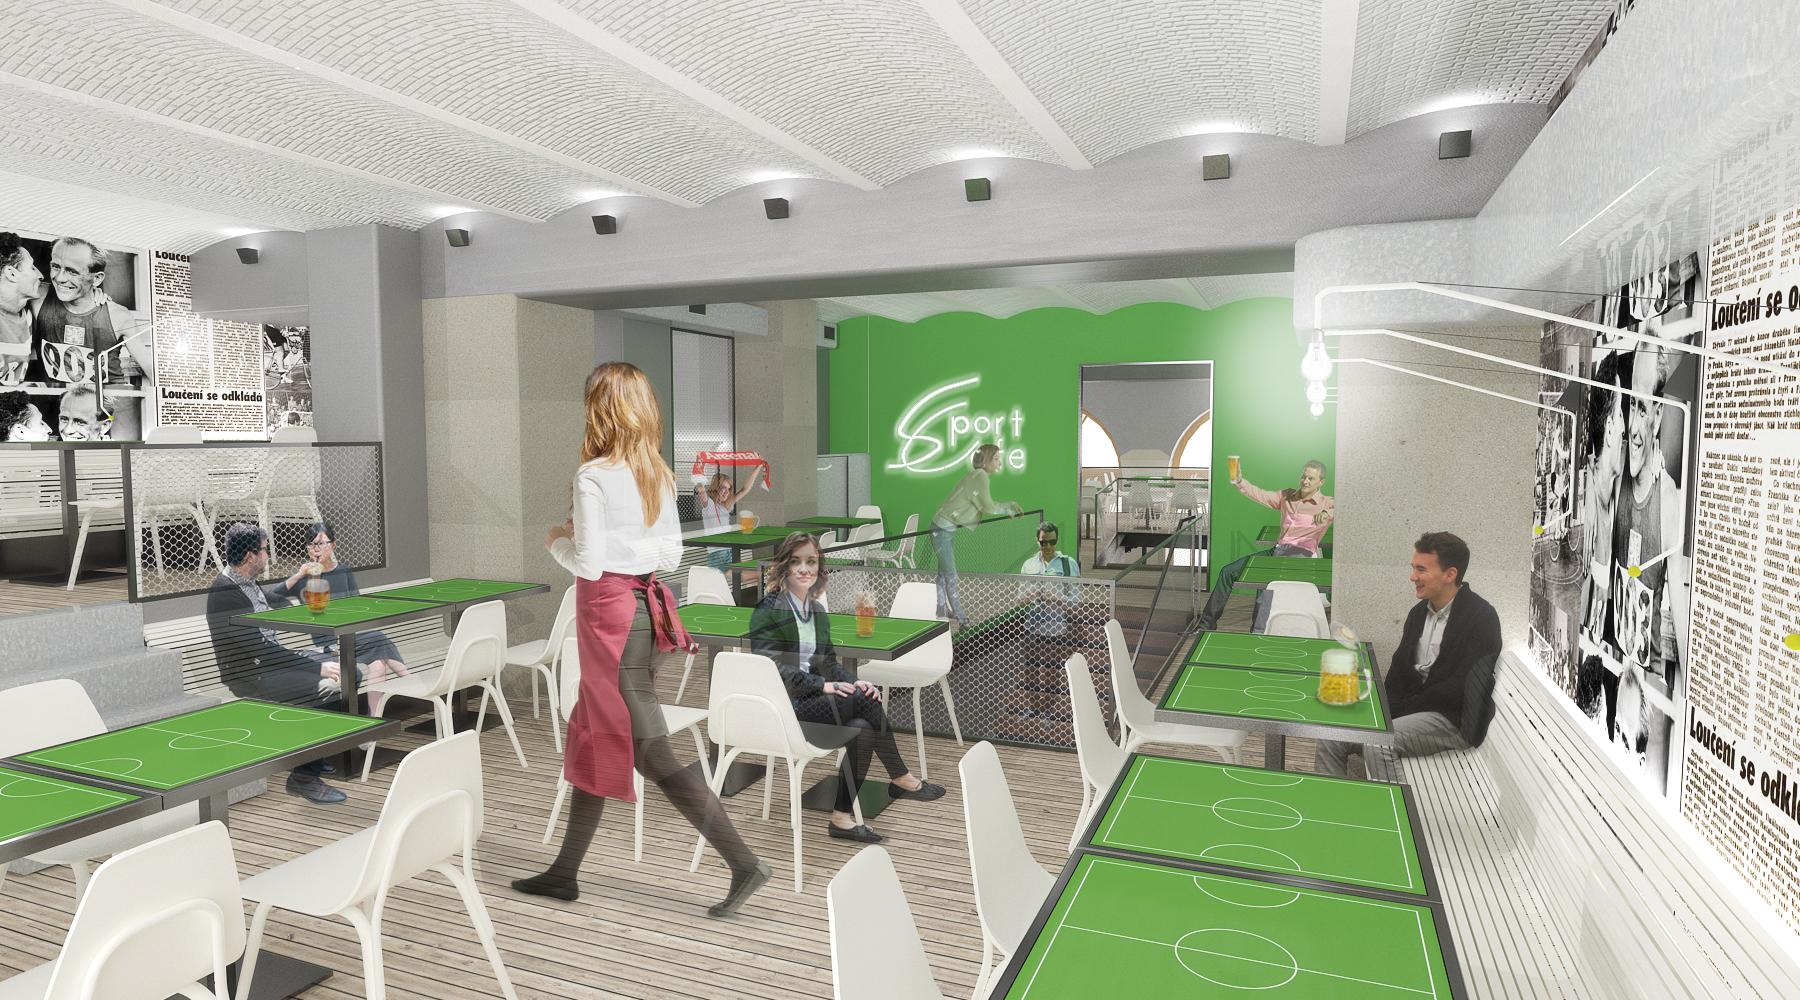 Sport Cafe bar